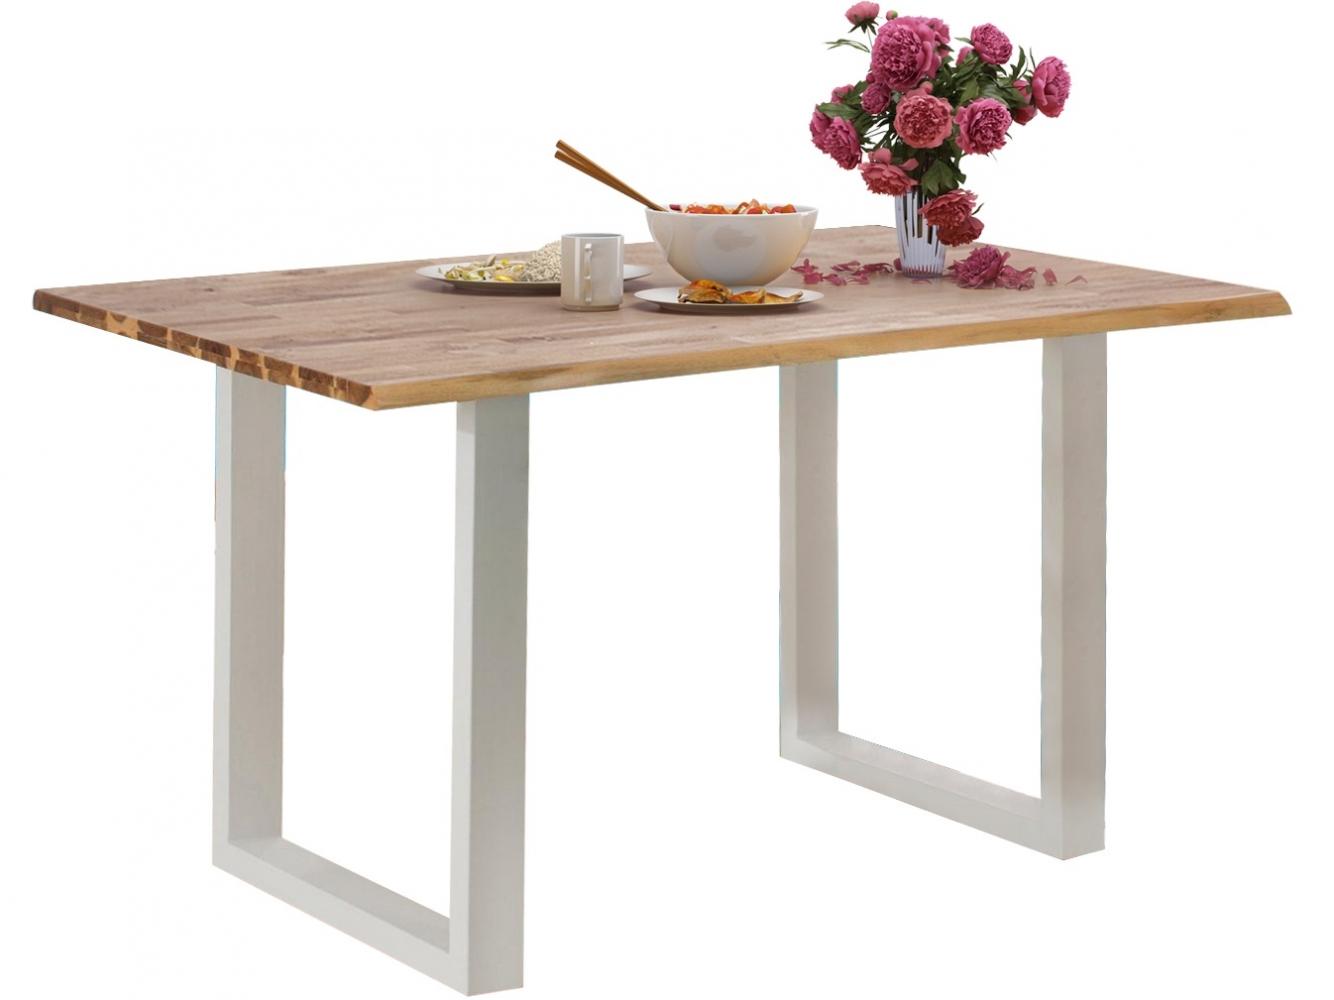 Jídelní stůl Melina, 140 cm, masivní akát / bílá